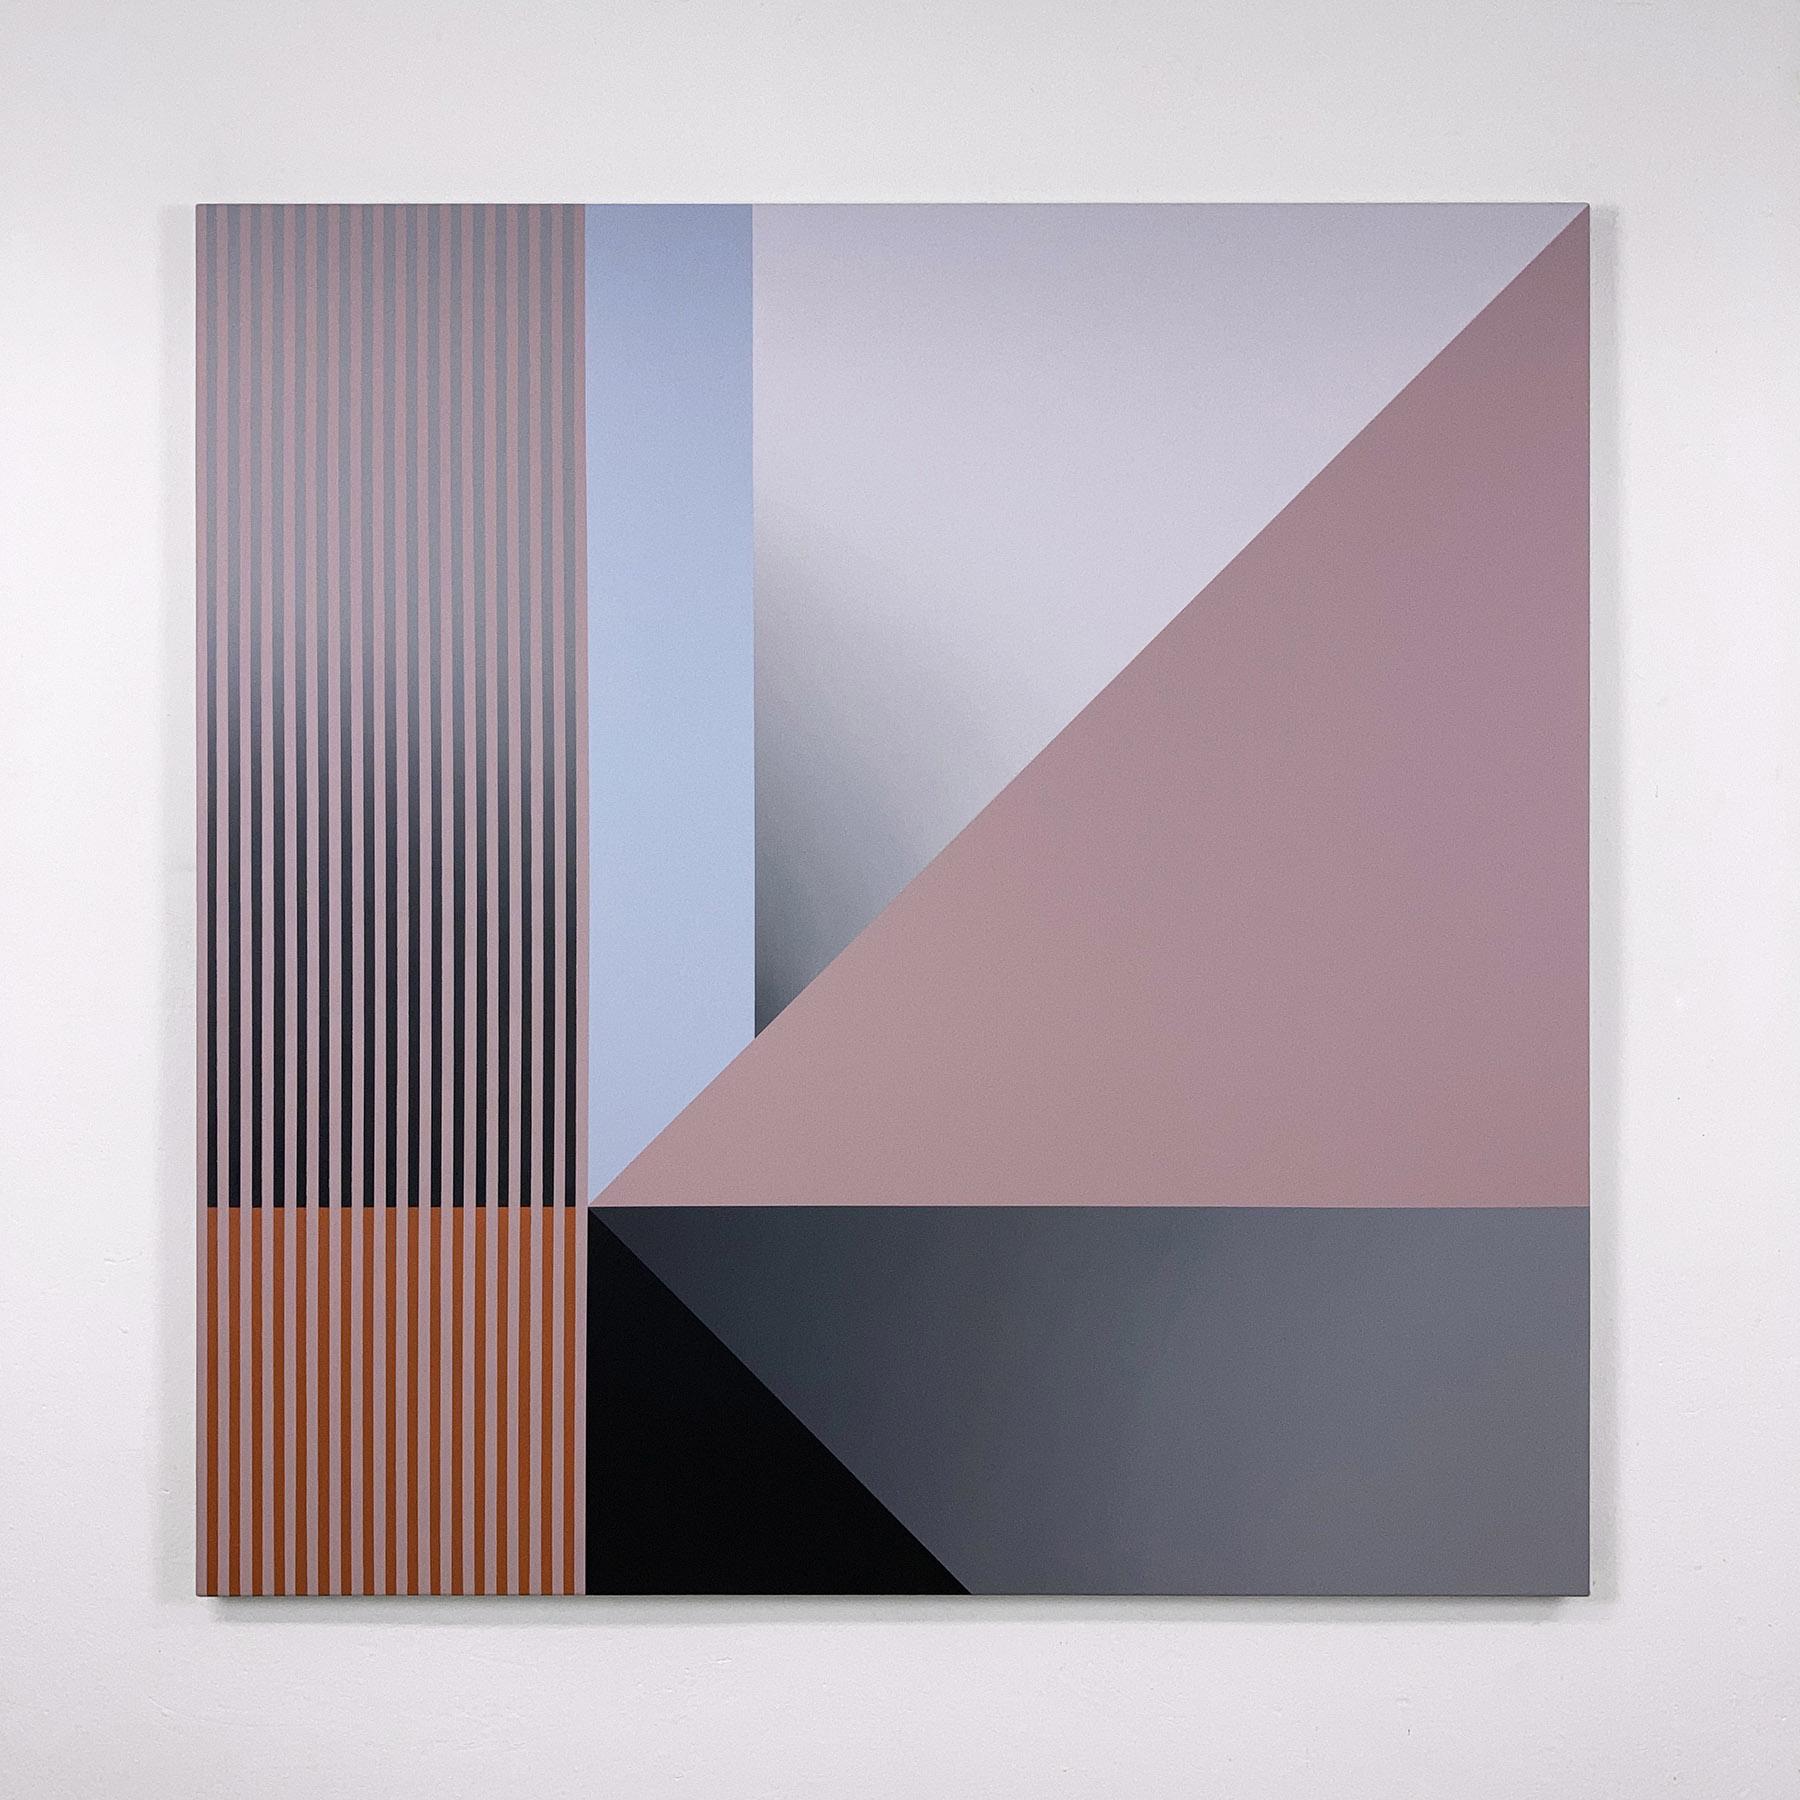 acrylic on canvas, 125 x 125 cm